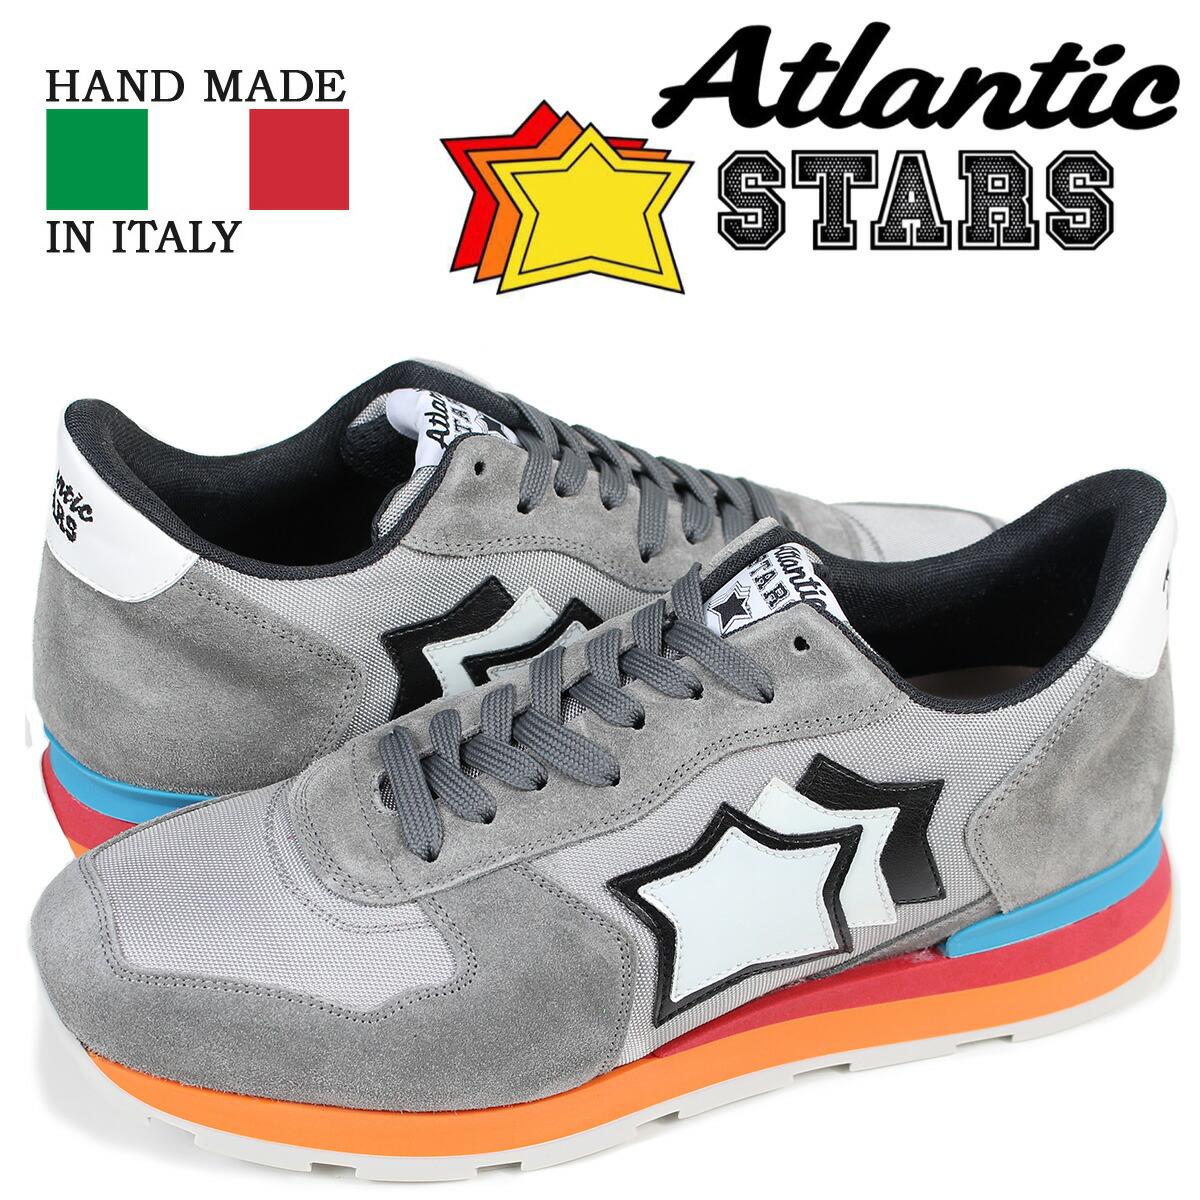 アトランティックスターズ メンズ スニーカー Atlantic STARS アンタレス ANTARES CS-85C グレー [2/2 新入荷]